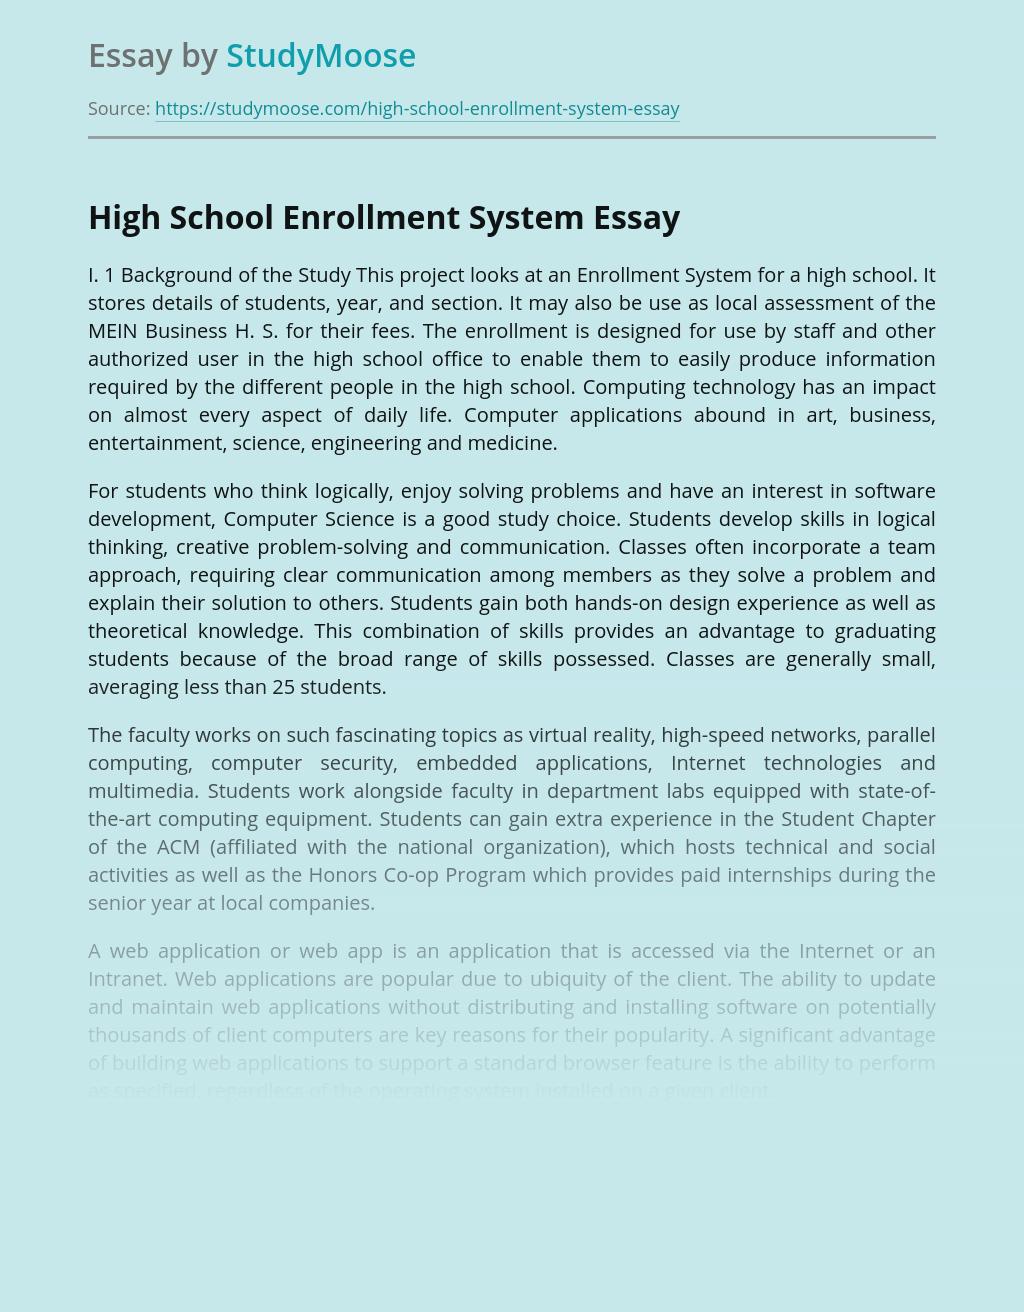 High School Enrollment System